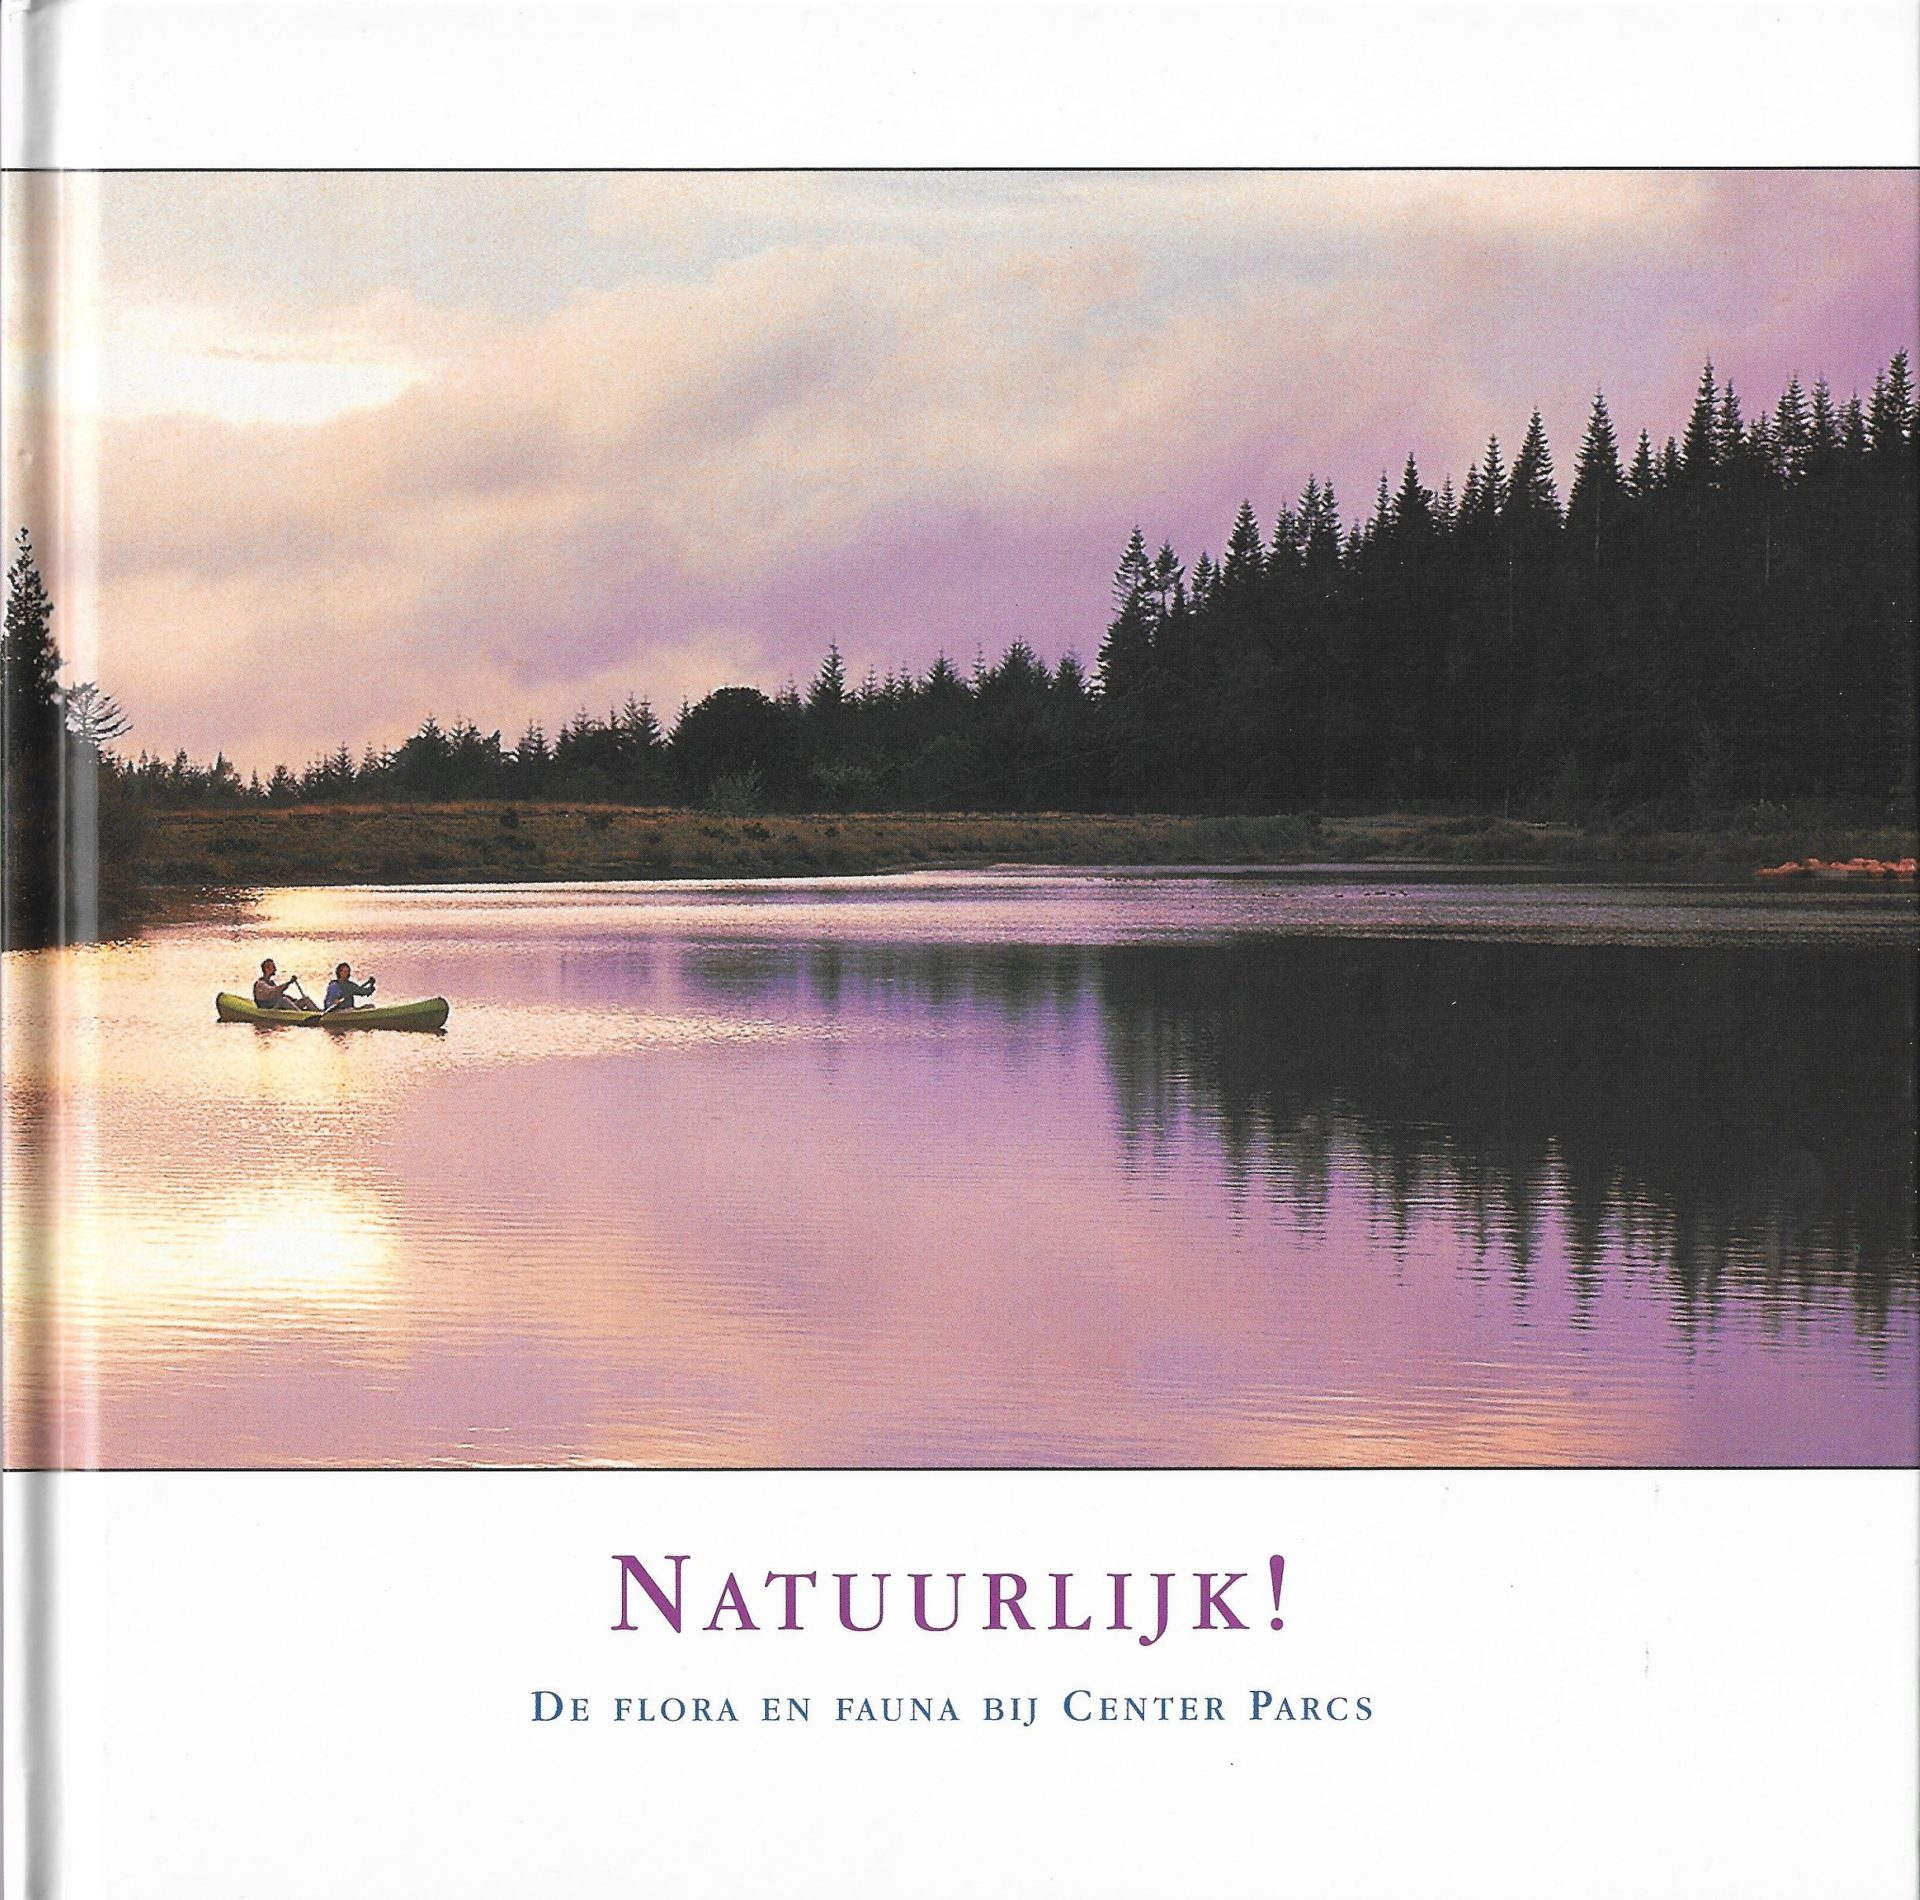 Natuurboek voor Center Parcs